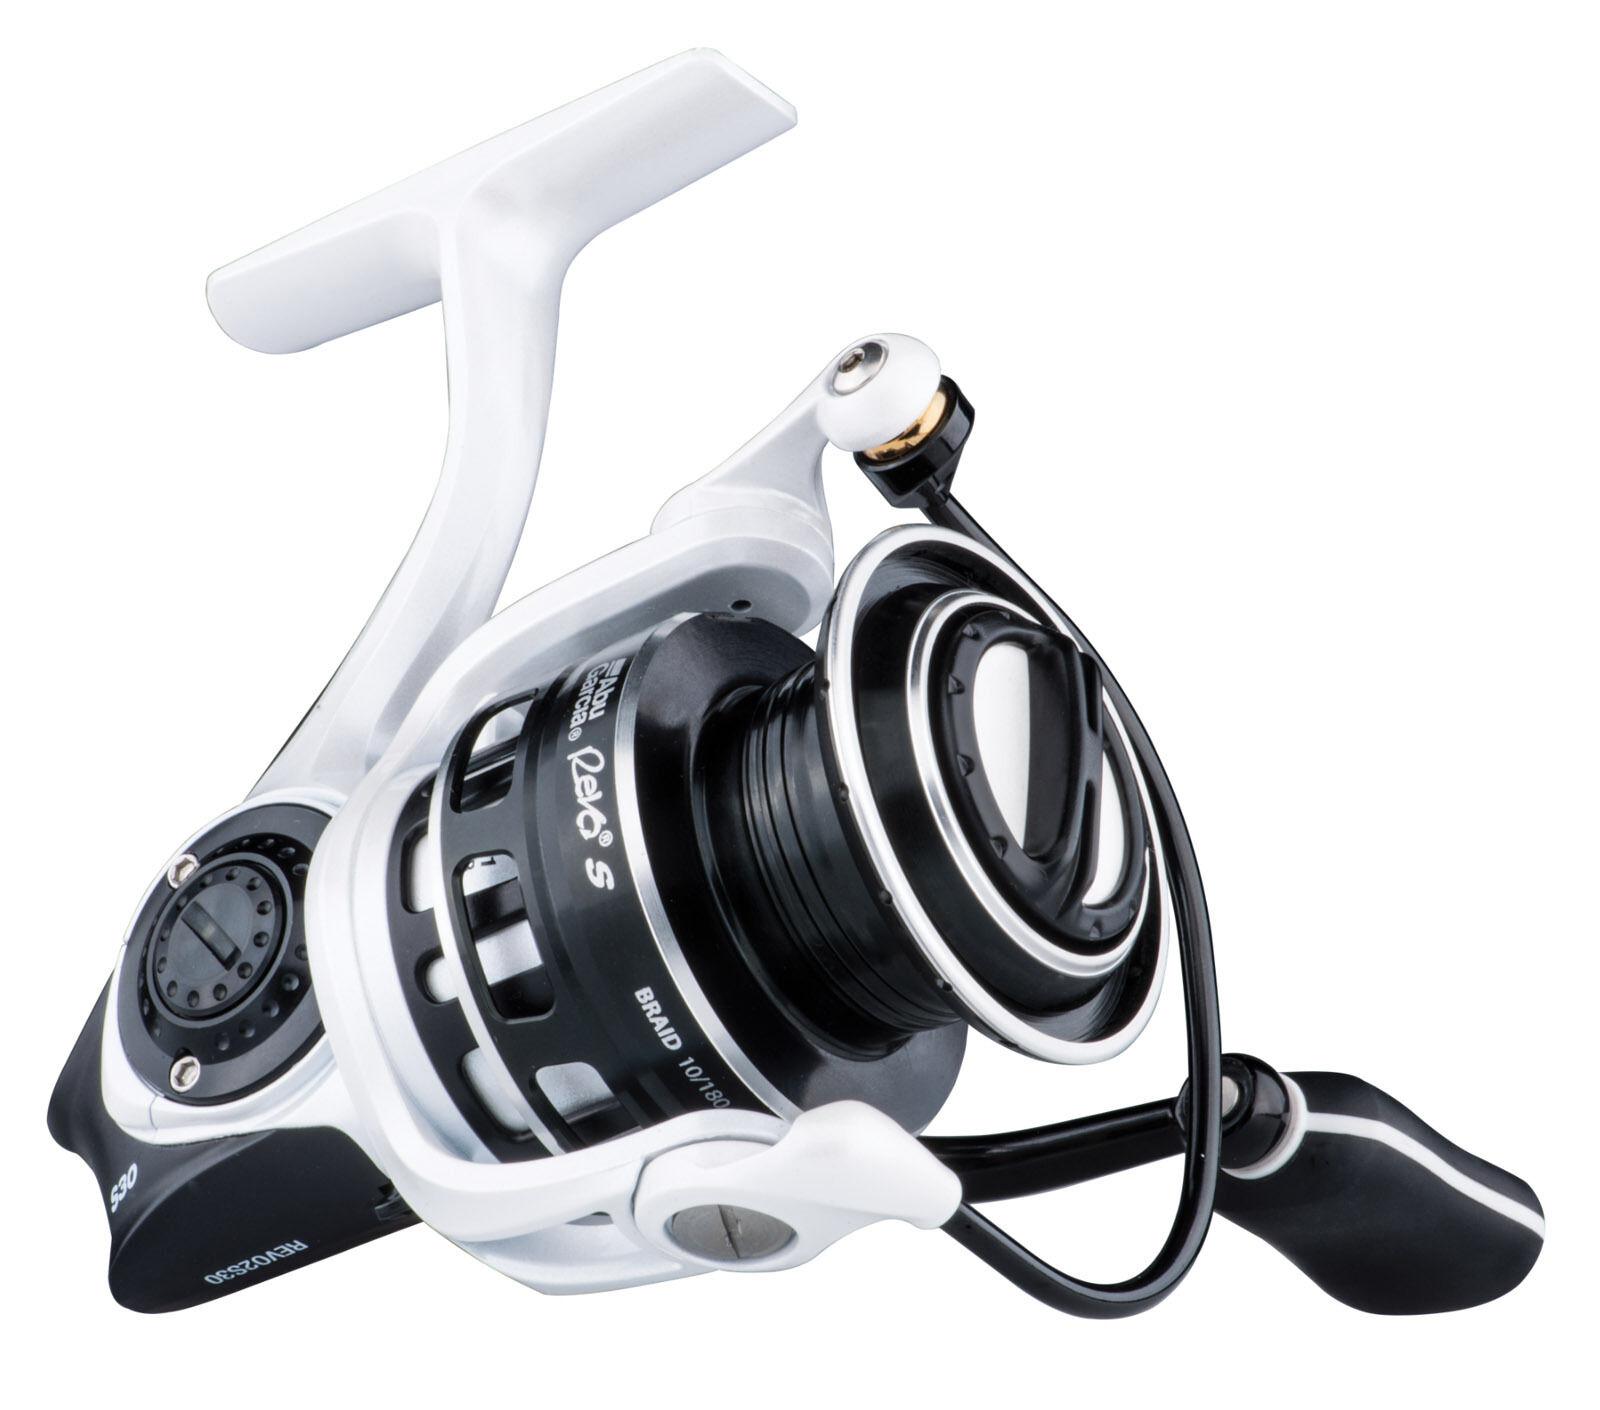 Abu Garcia Revo Revo Garcia 2 S 10 – 60 Spin Spinning Baitcast Front Drag Fishing Reel 0ba8b5